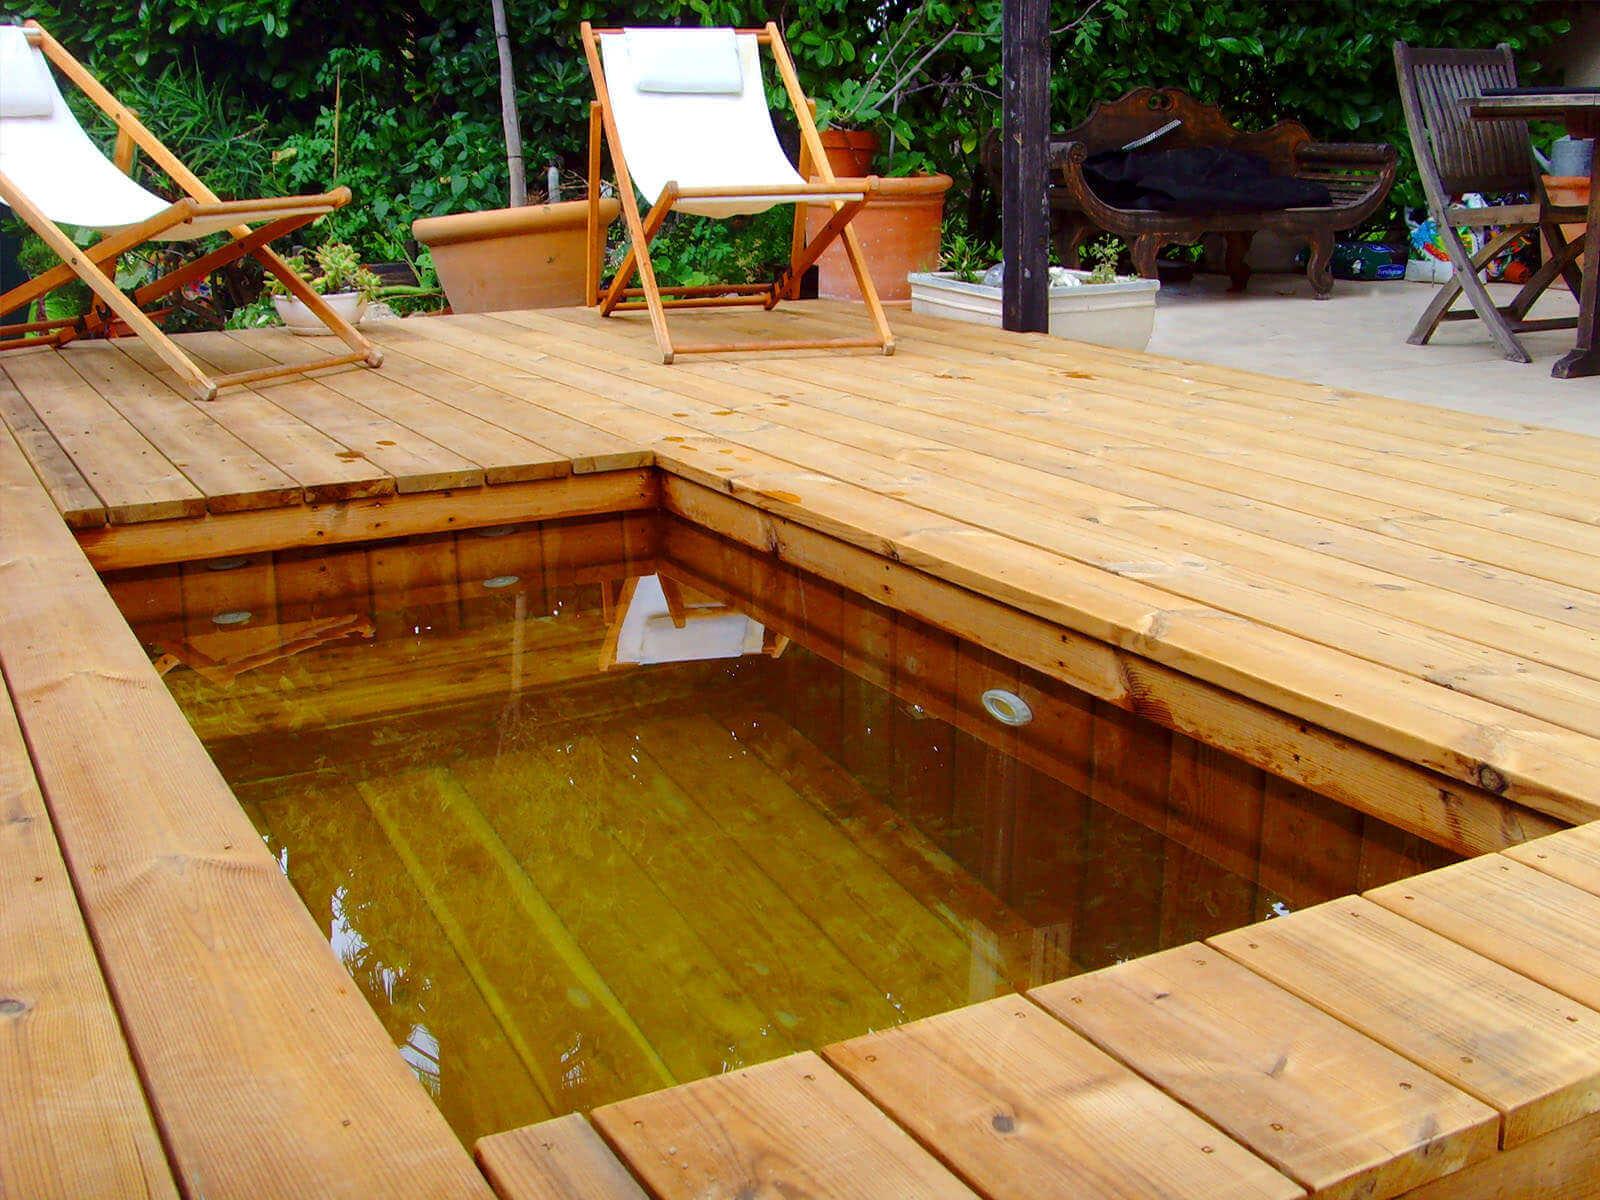 Fabricant piscine et jacuzzi spa sur mesure 100 bois for Petite piscine tubulaire rectangulaire